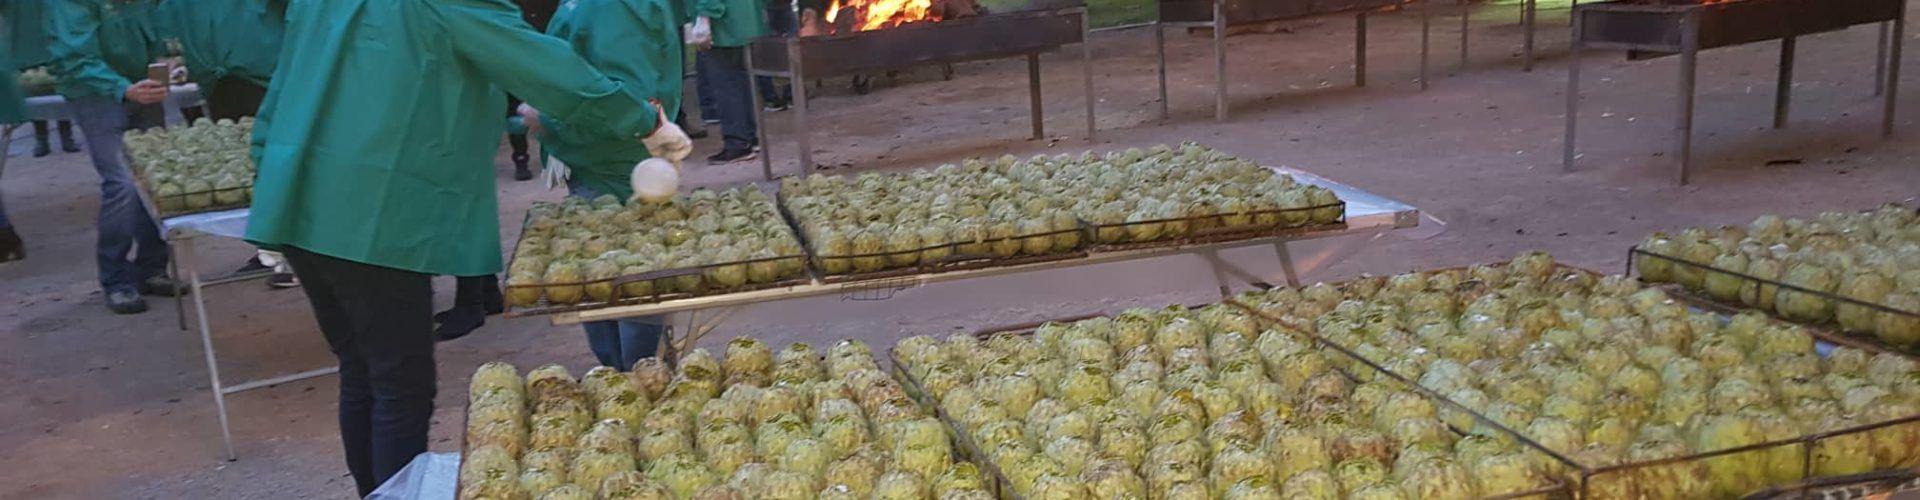 Torrada de dos mil quilos de carxofes a Benicarló